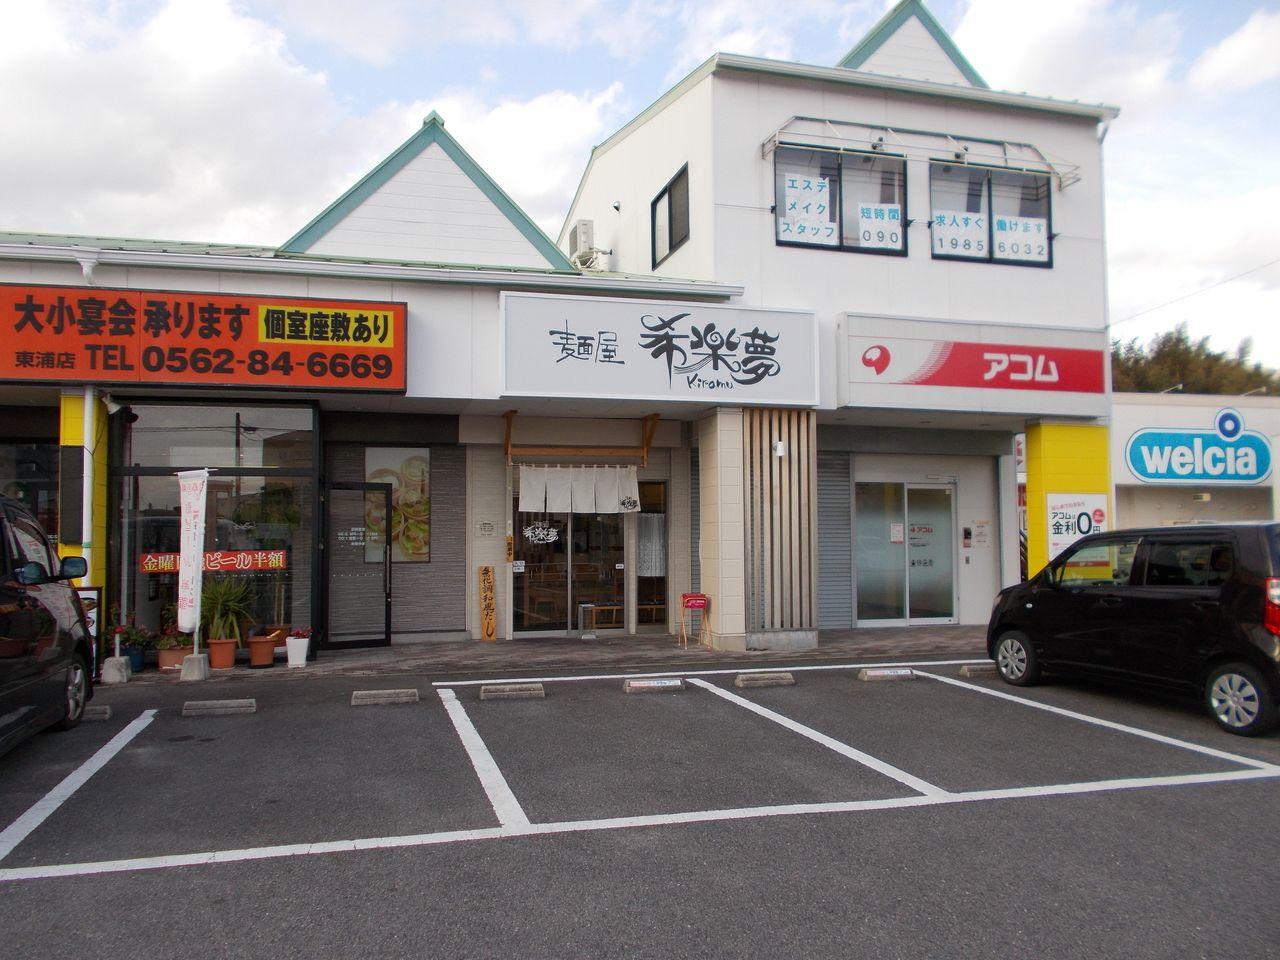 左隣は中国人経営の中華料理屋さんです。